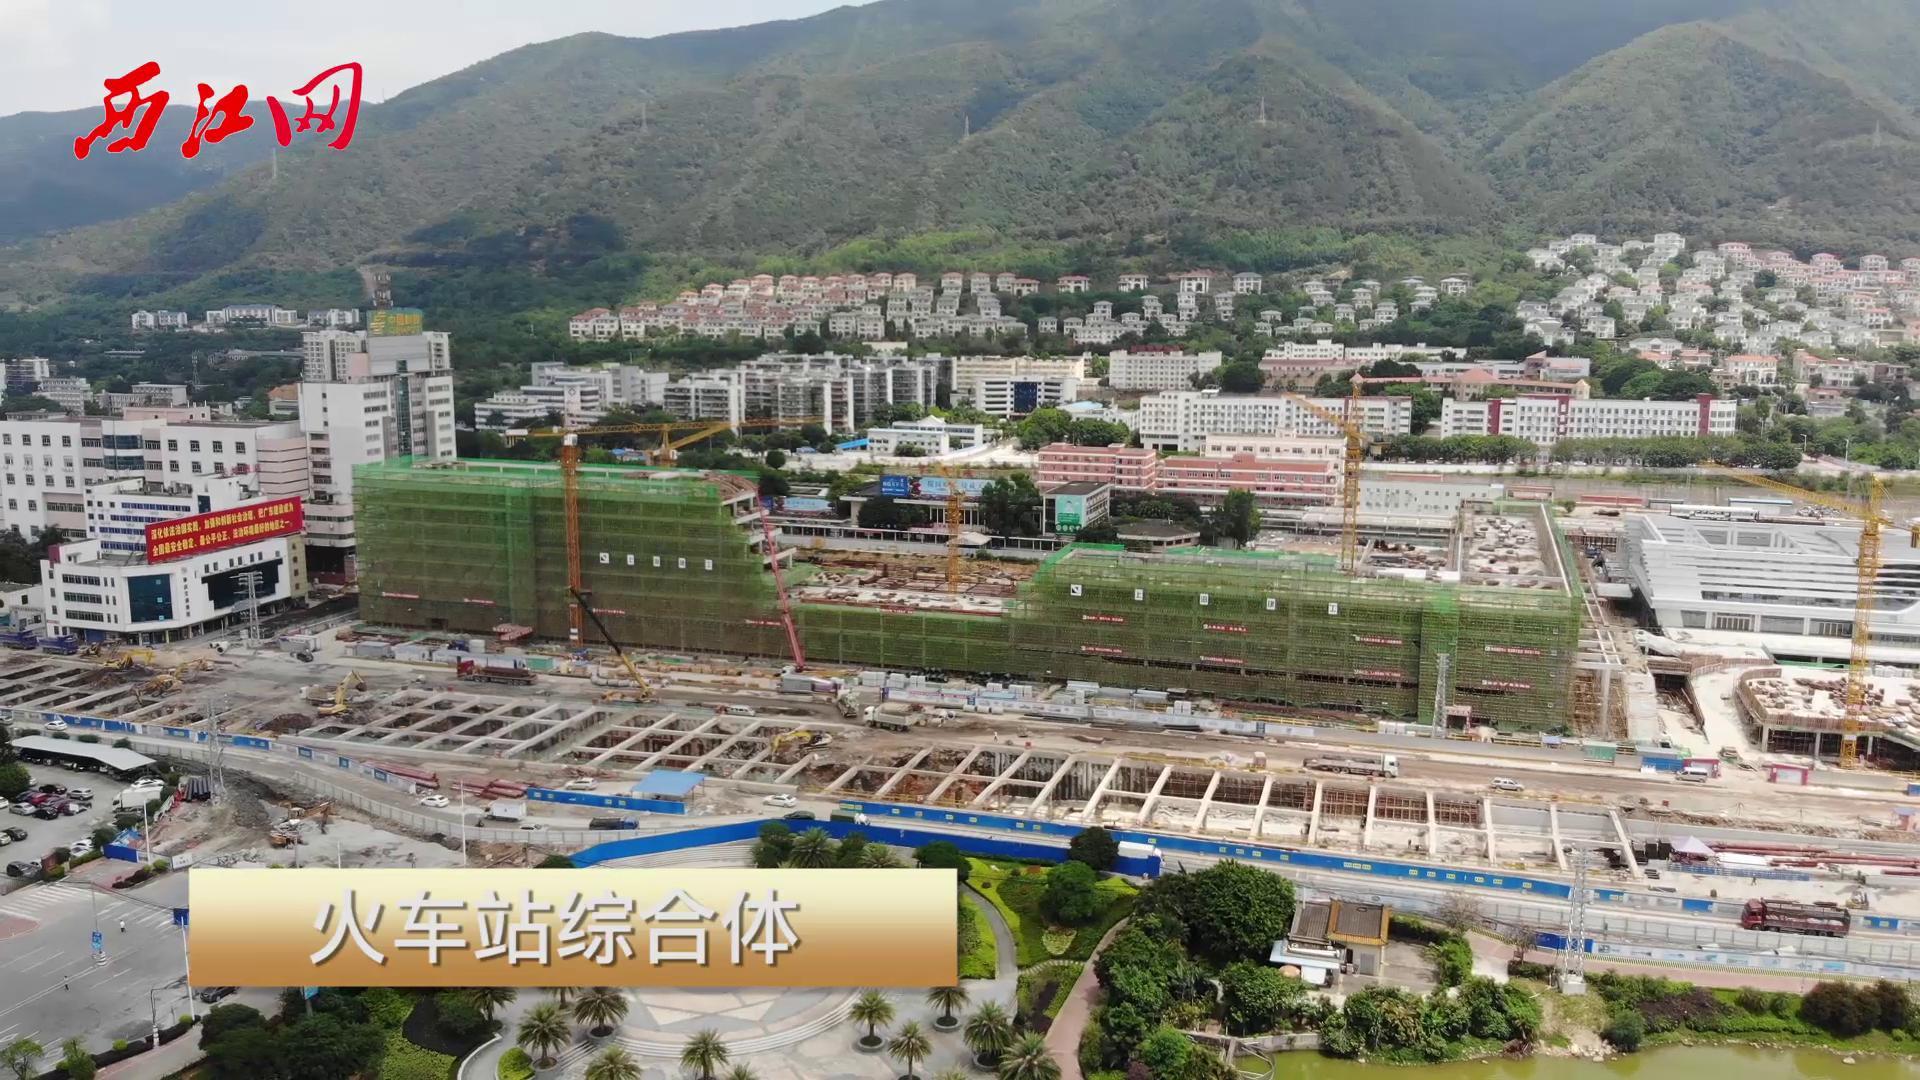 航拍肇庆火车站综合体工程进展